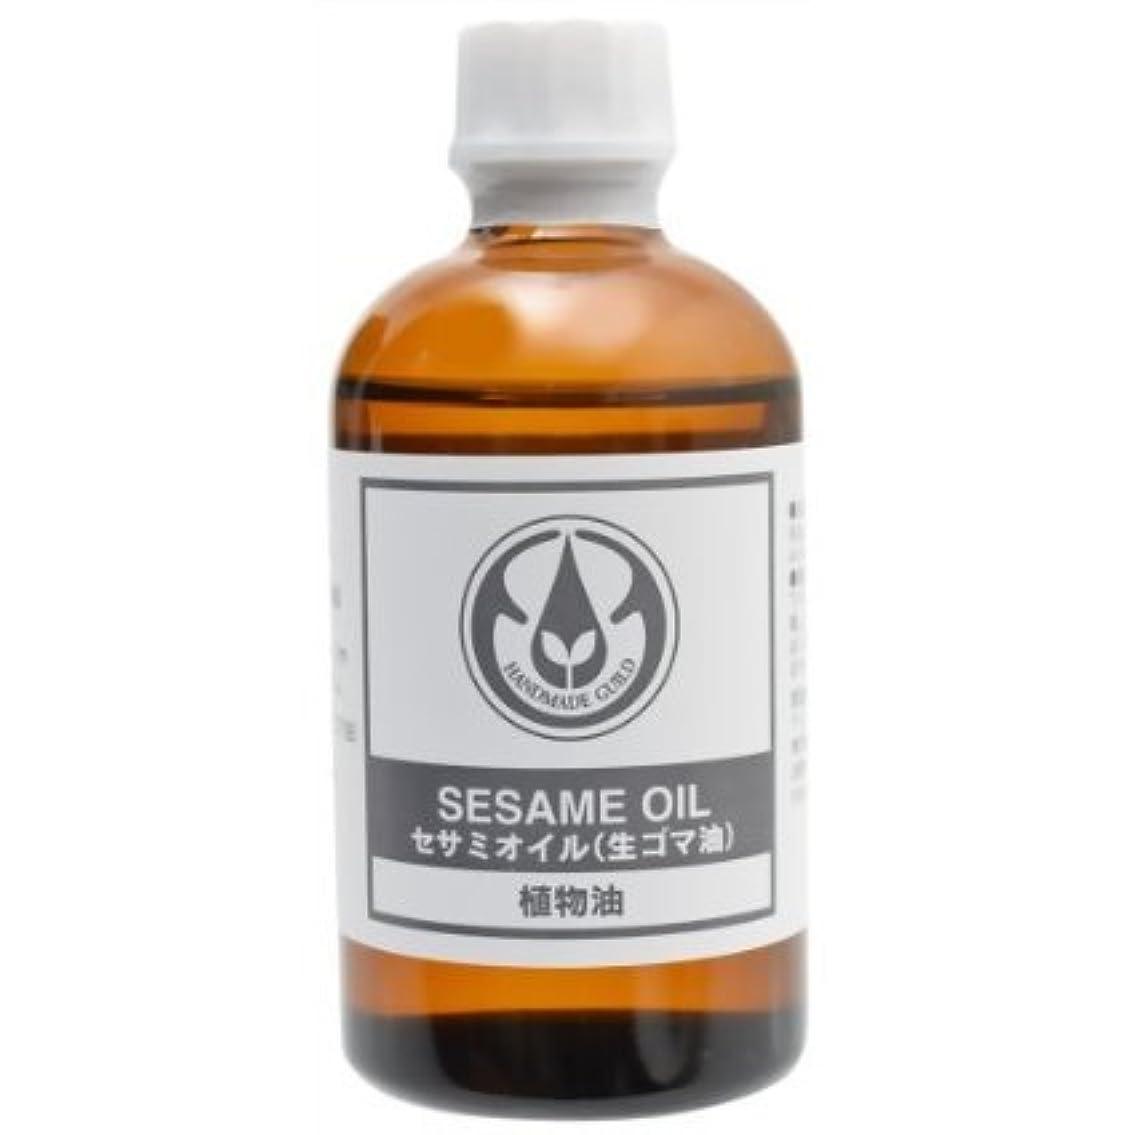 球状ホットゴネリル生活の木 セサミオイル(生ごま油) 100ml 2本セット